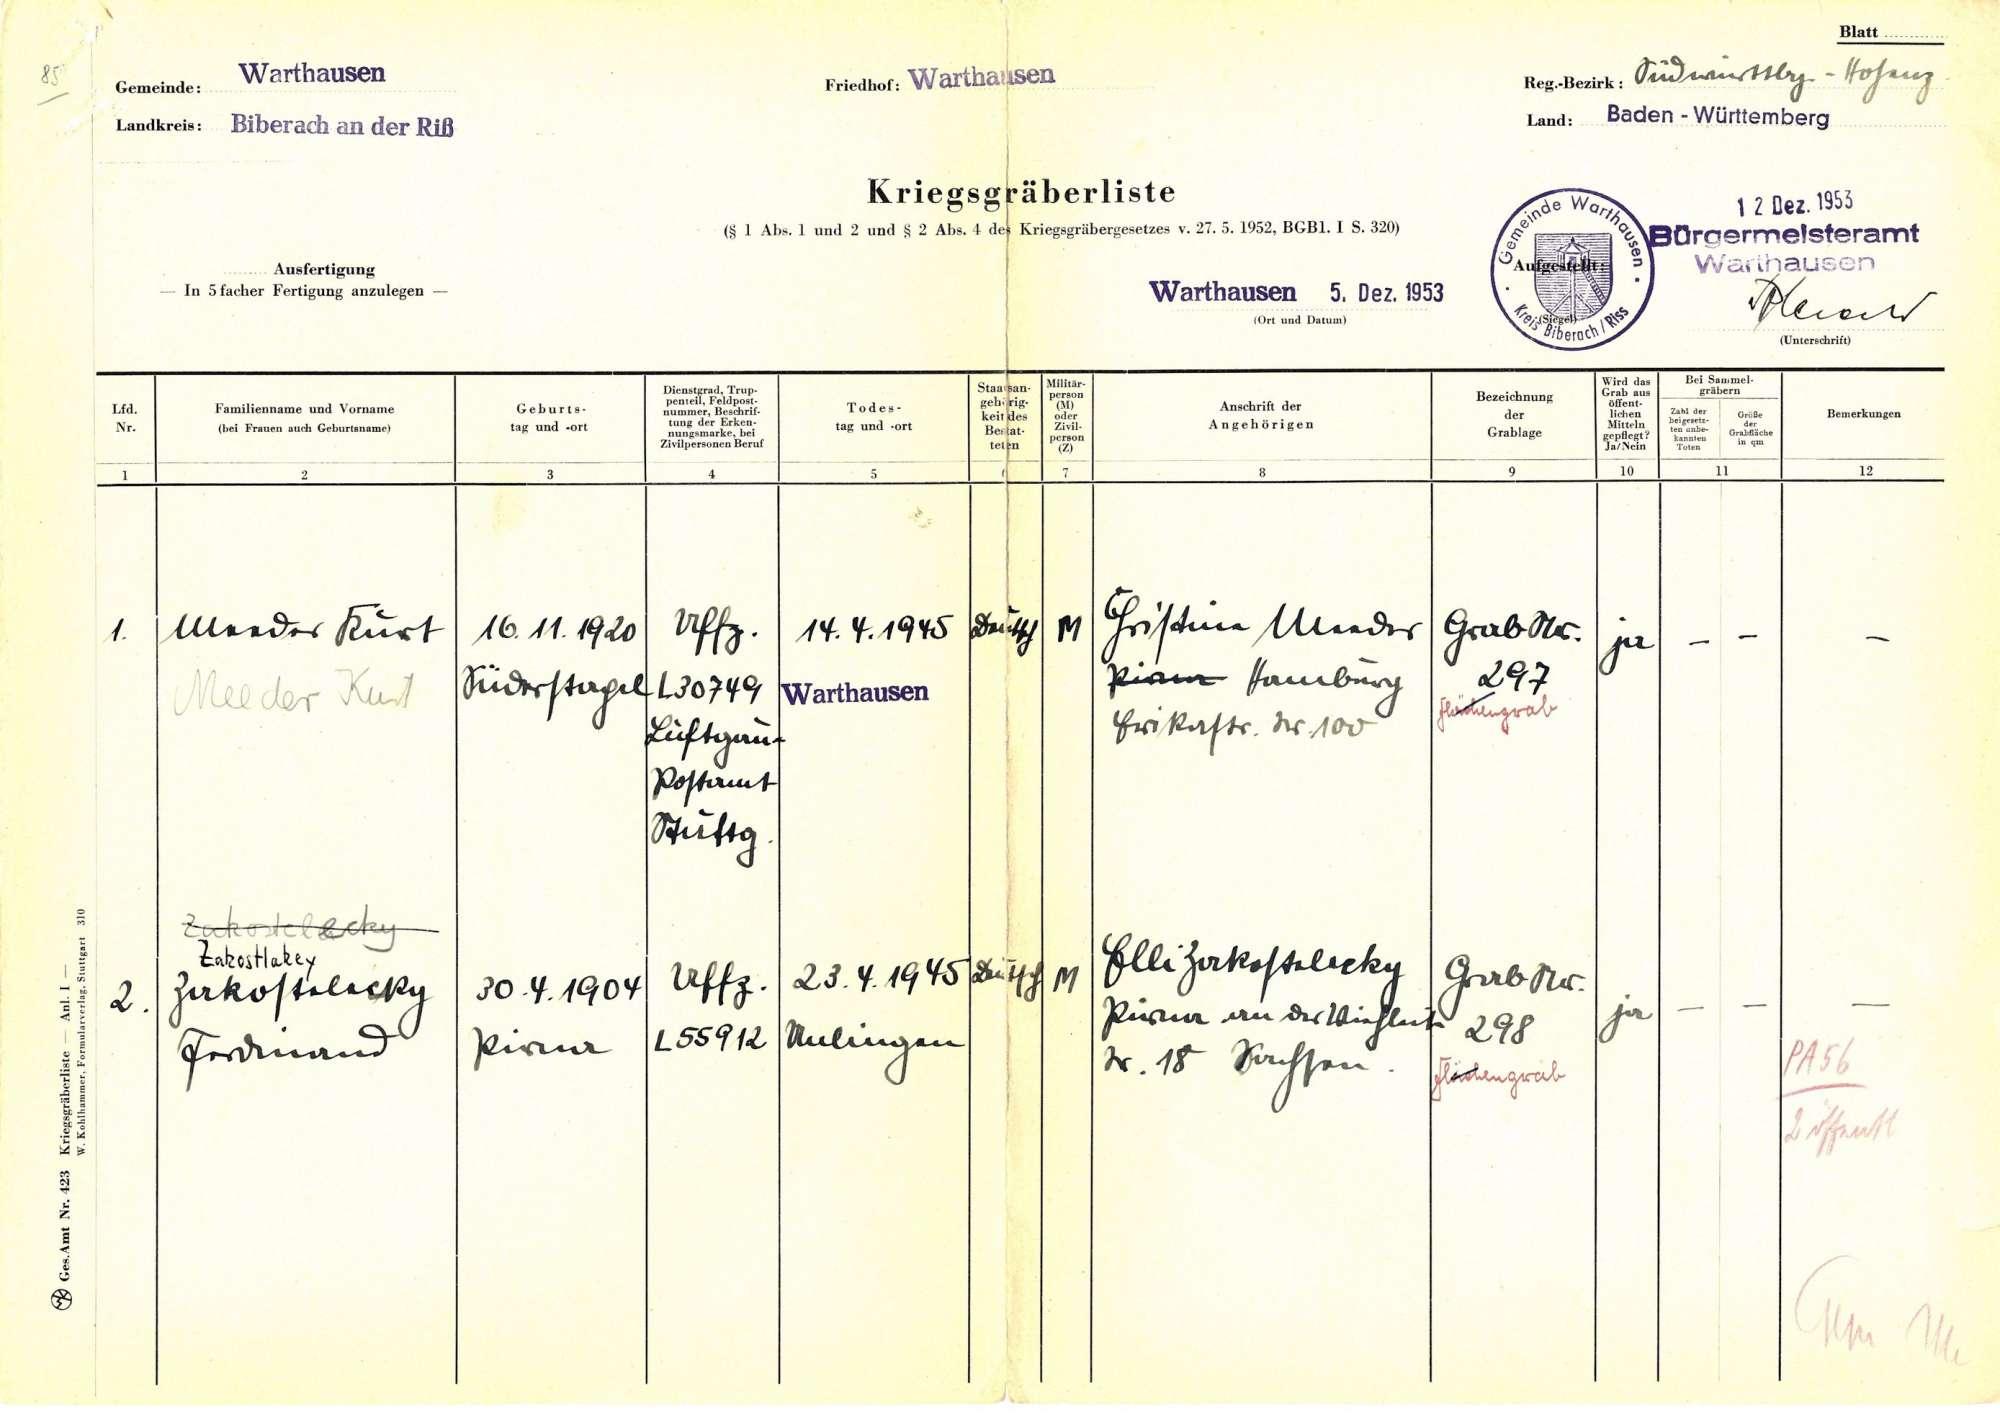 Warthausen, Bild 2